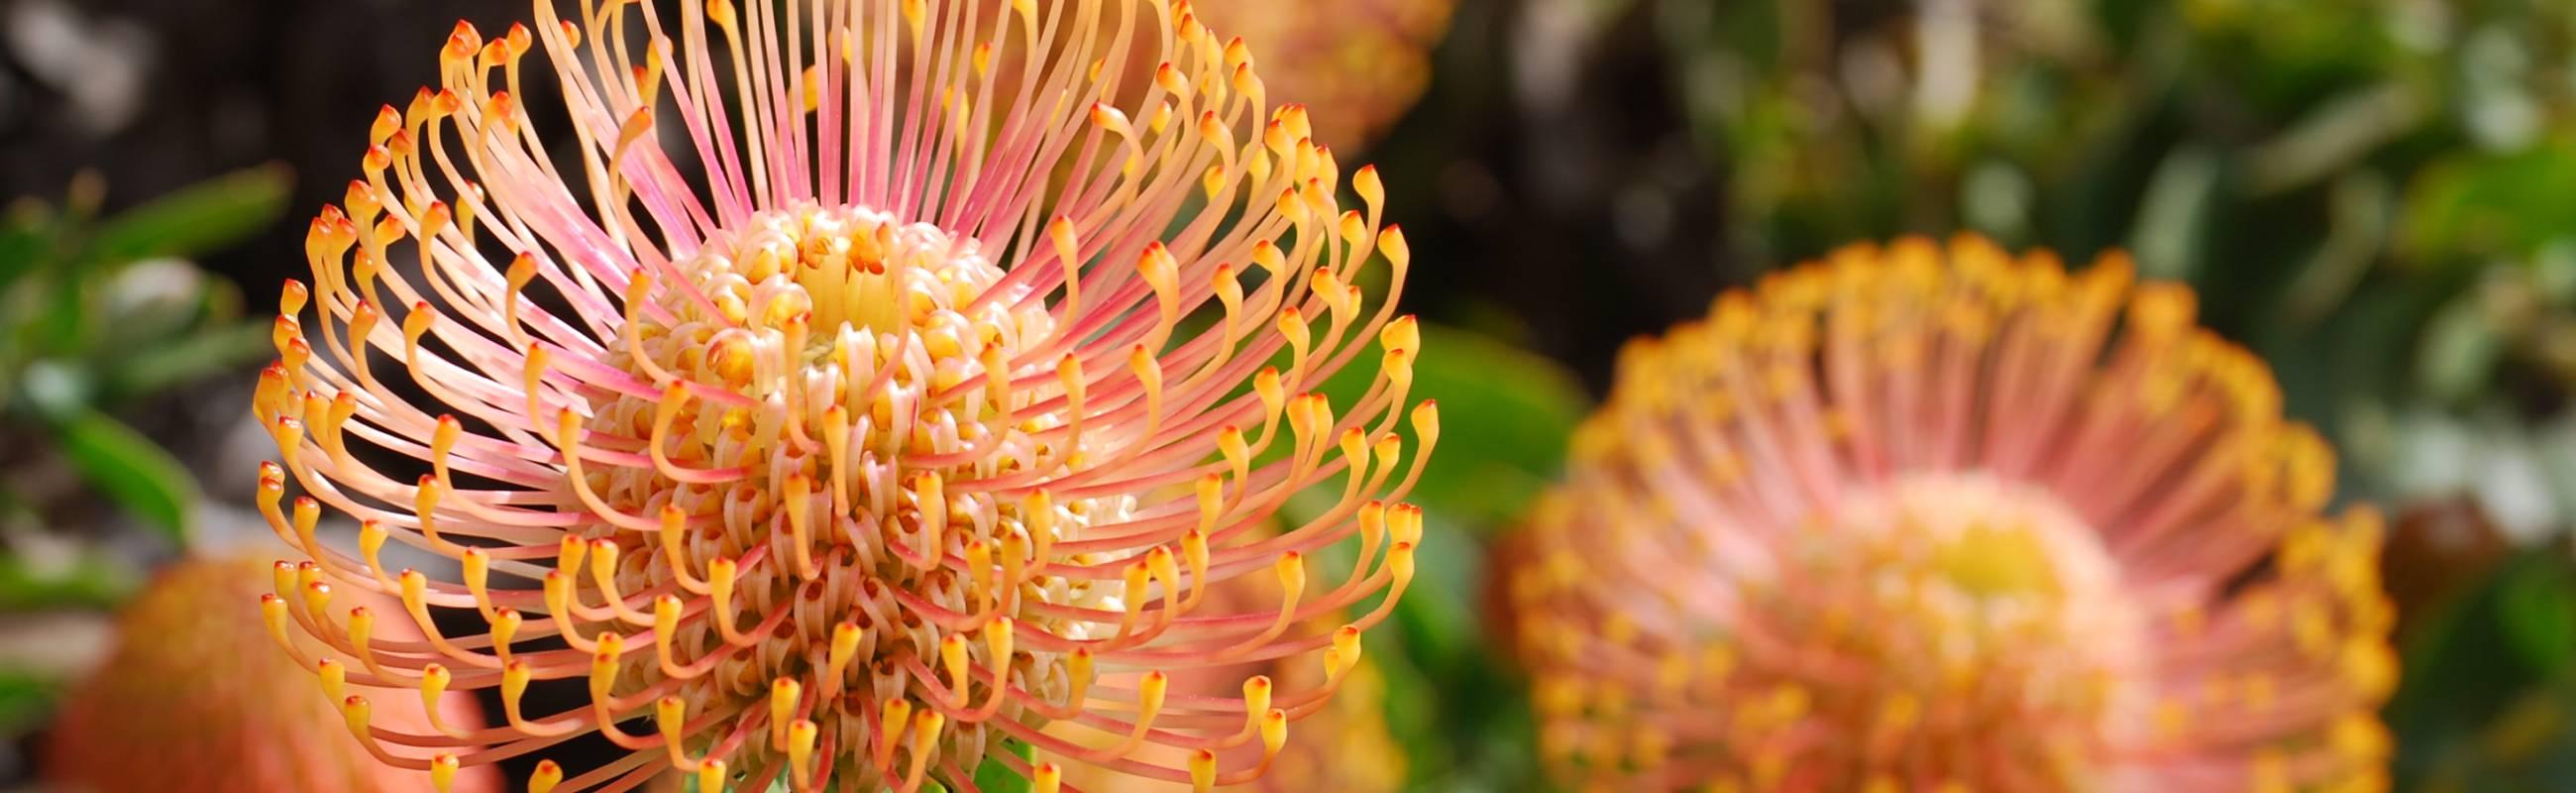 Hintergrundbild Protea